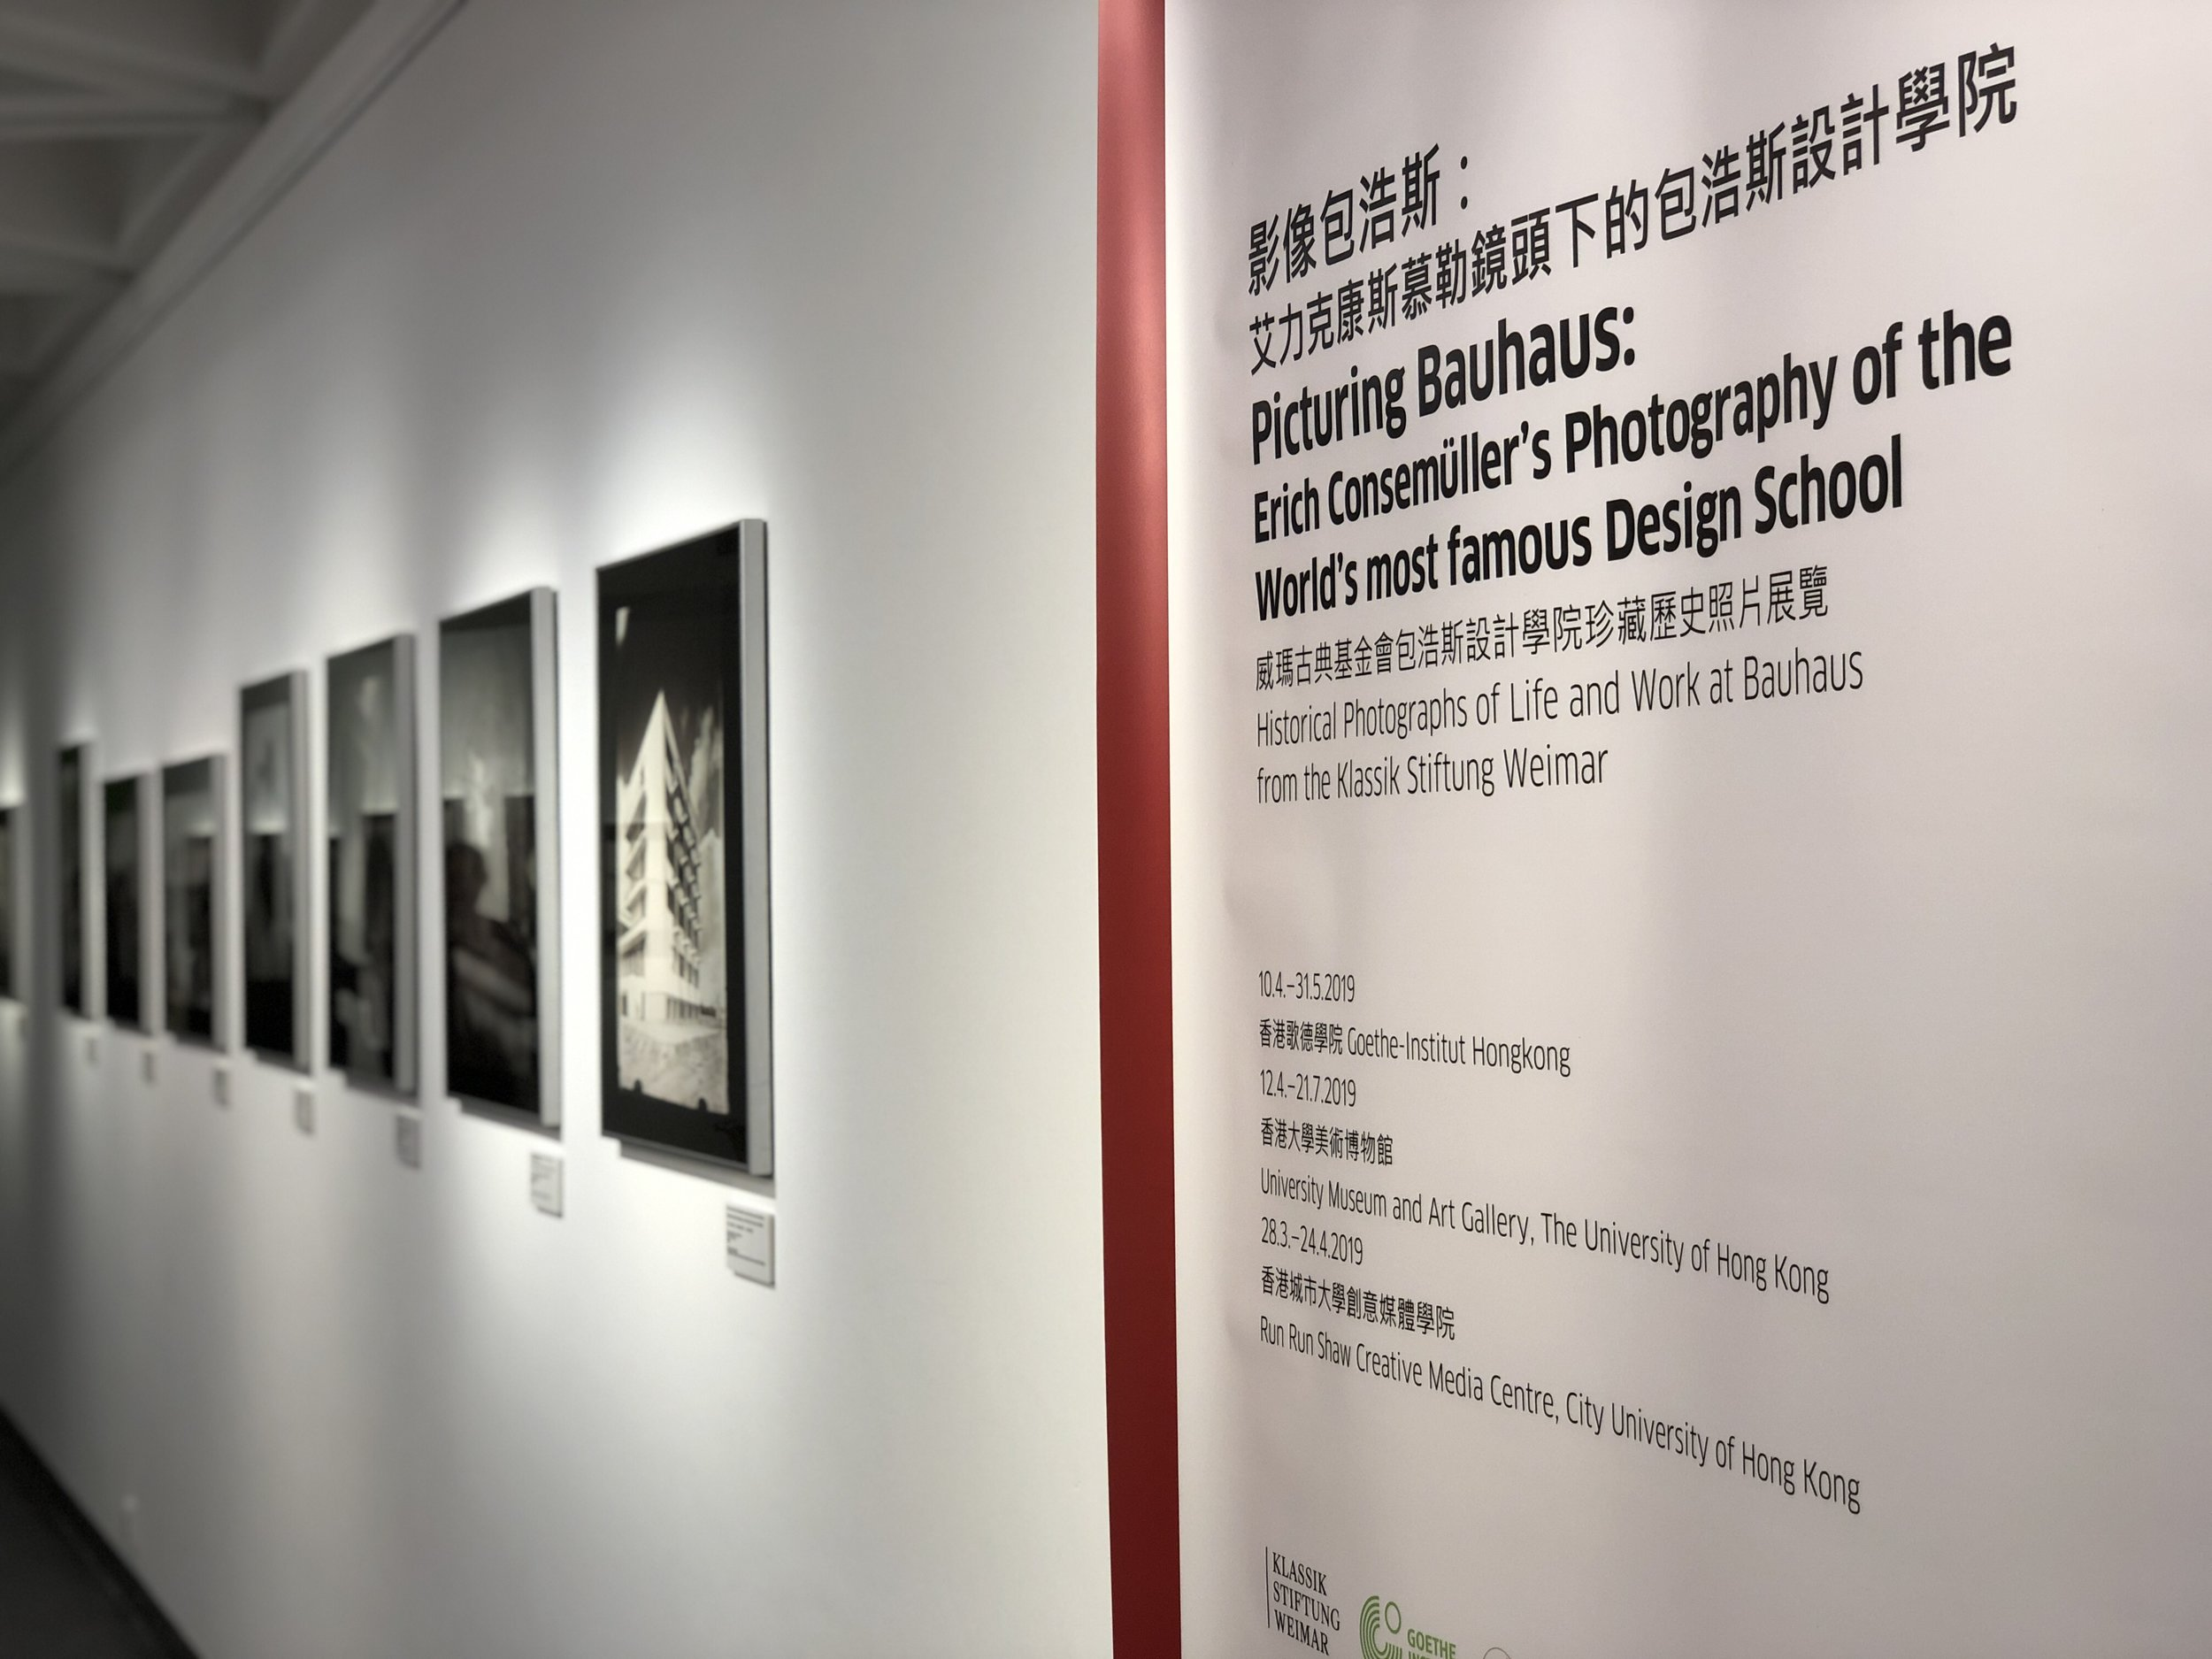 電影播放場地香港歌德學院,同場還有Bauhaus相關展覽